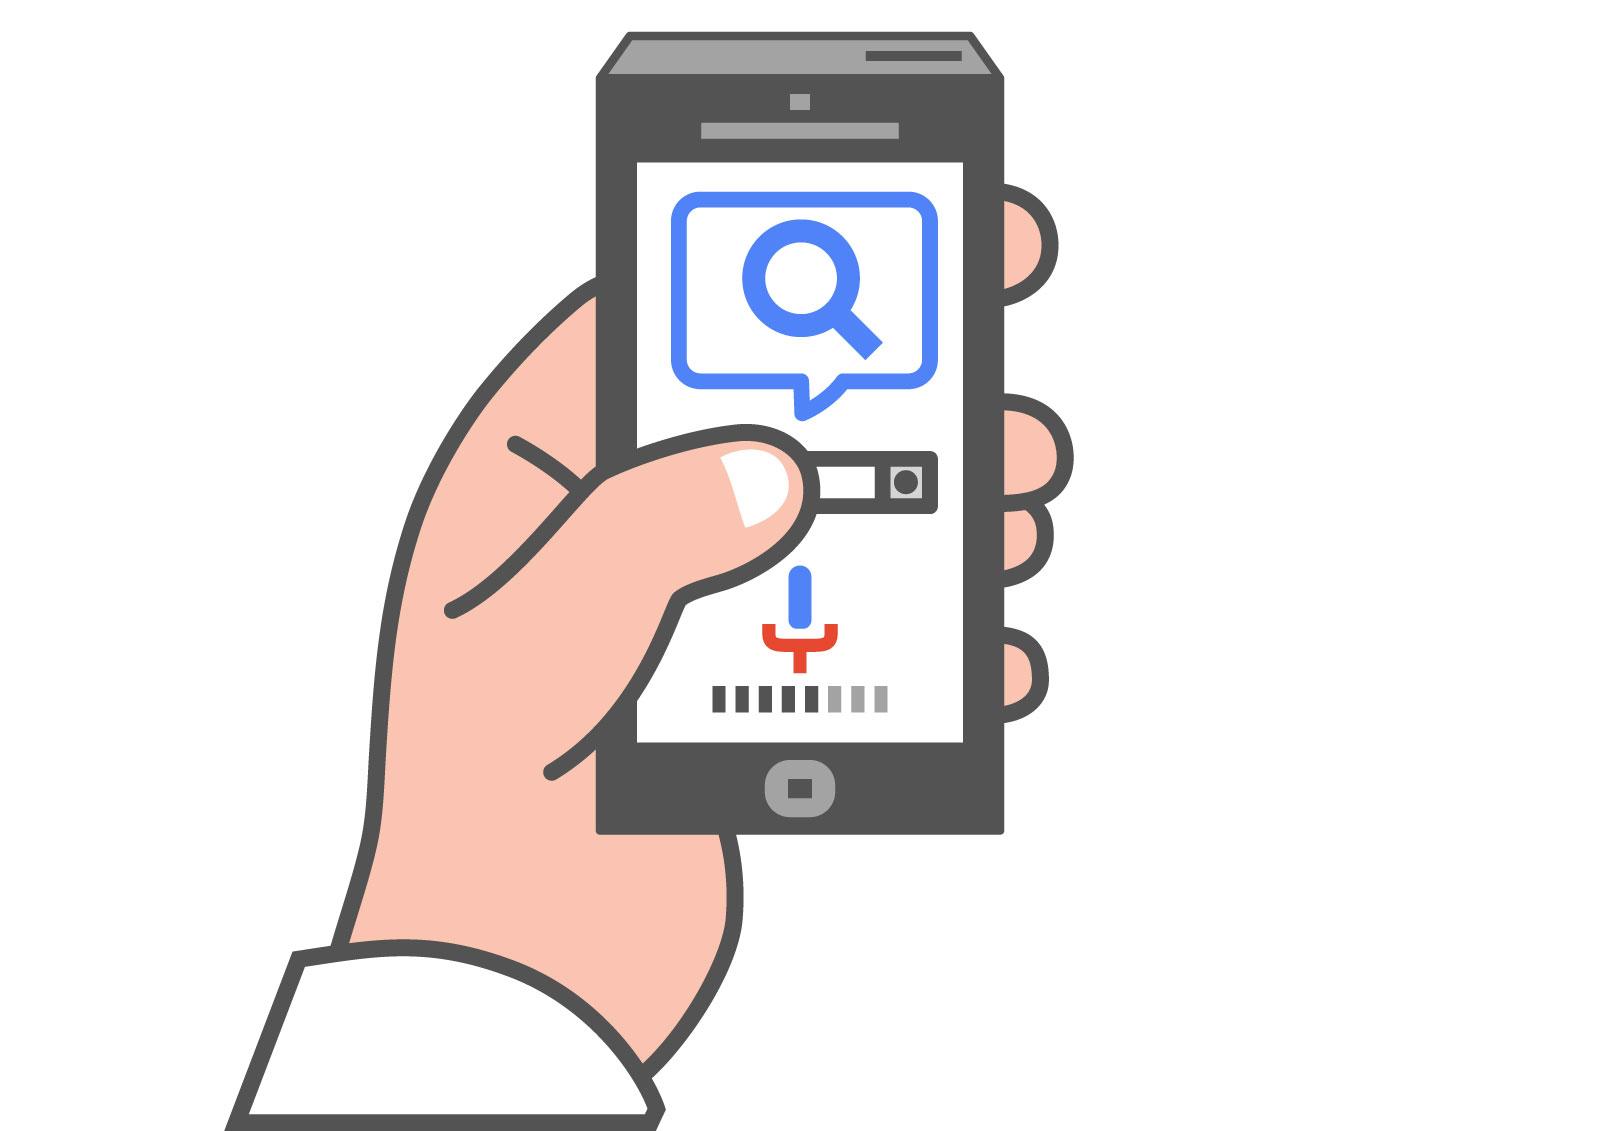 スマホカメラを向けるだけで情報を出してくれる「Google Lens」に写した文字のテキスト変換が可能になる新機能が追加